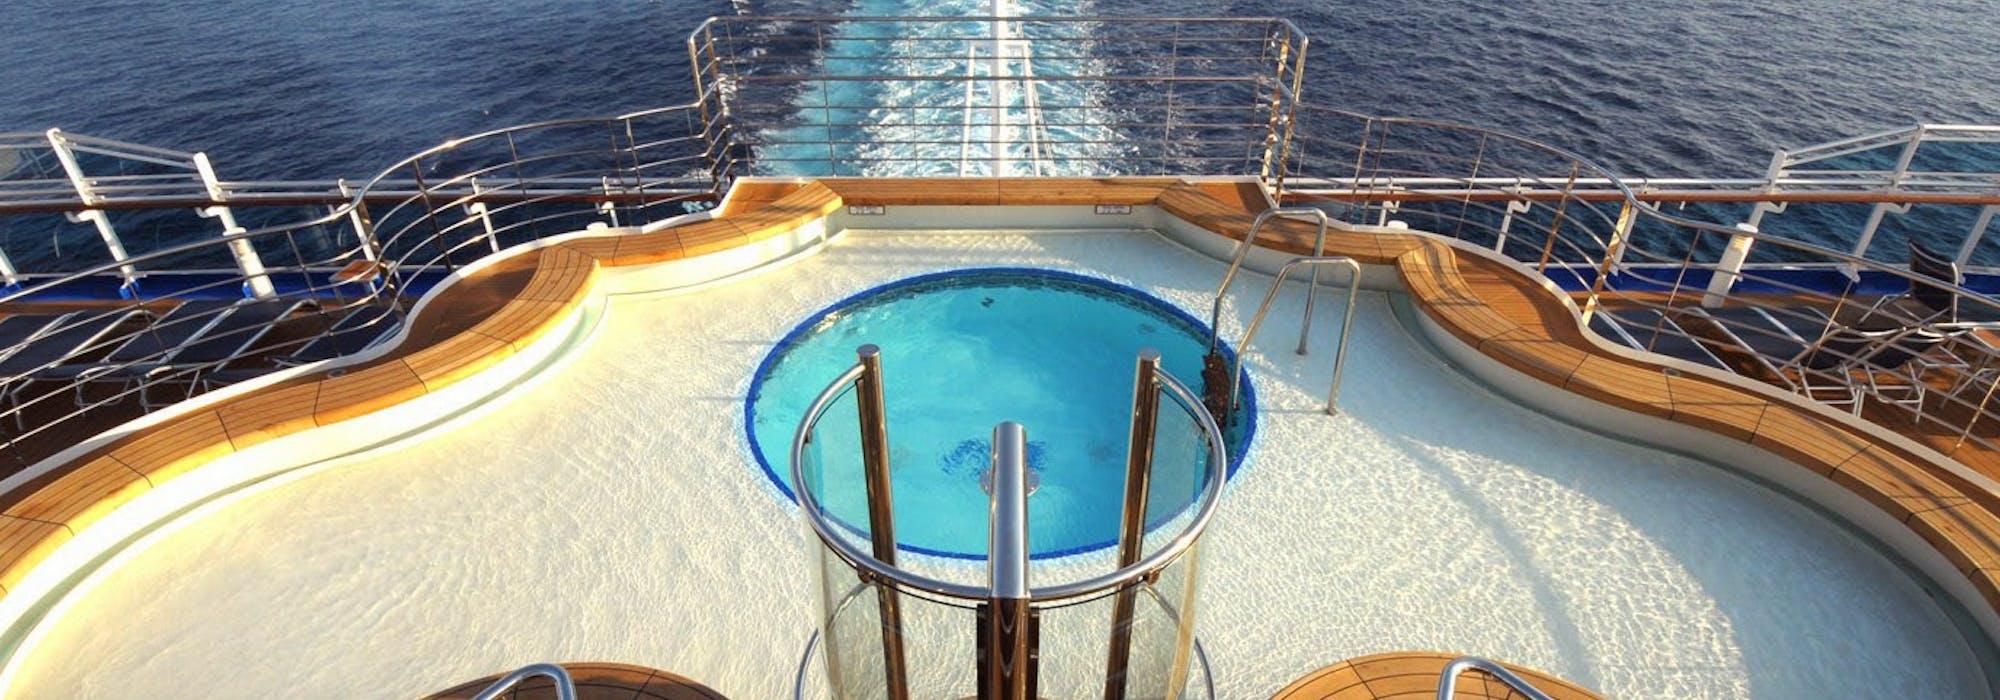 Bild från ovan på aktern på fartyget Regal Princess med dess pool i fokus.